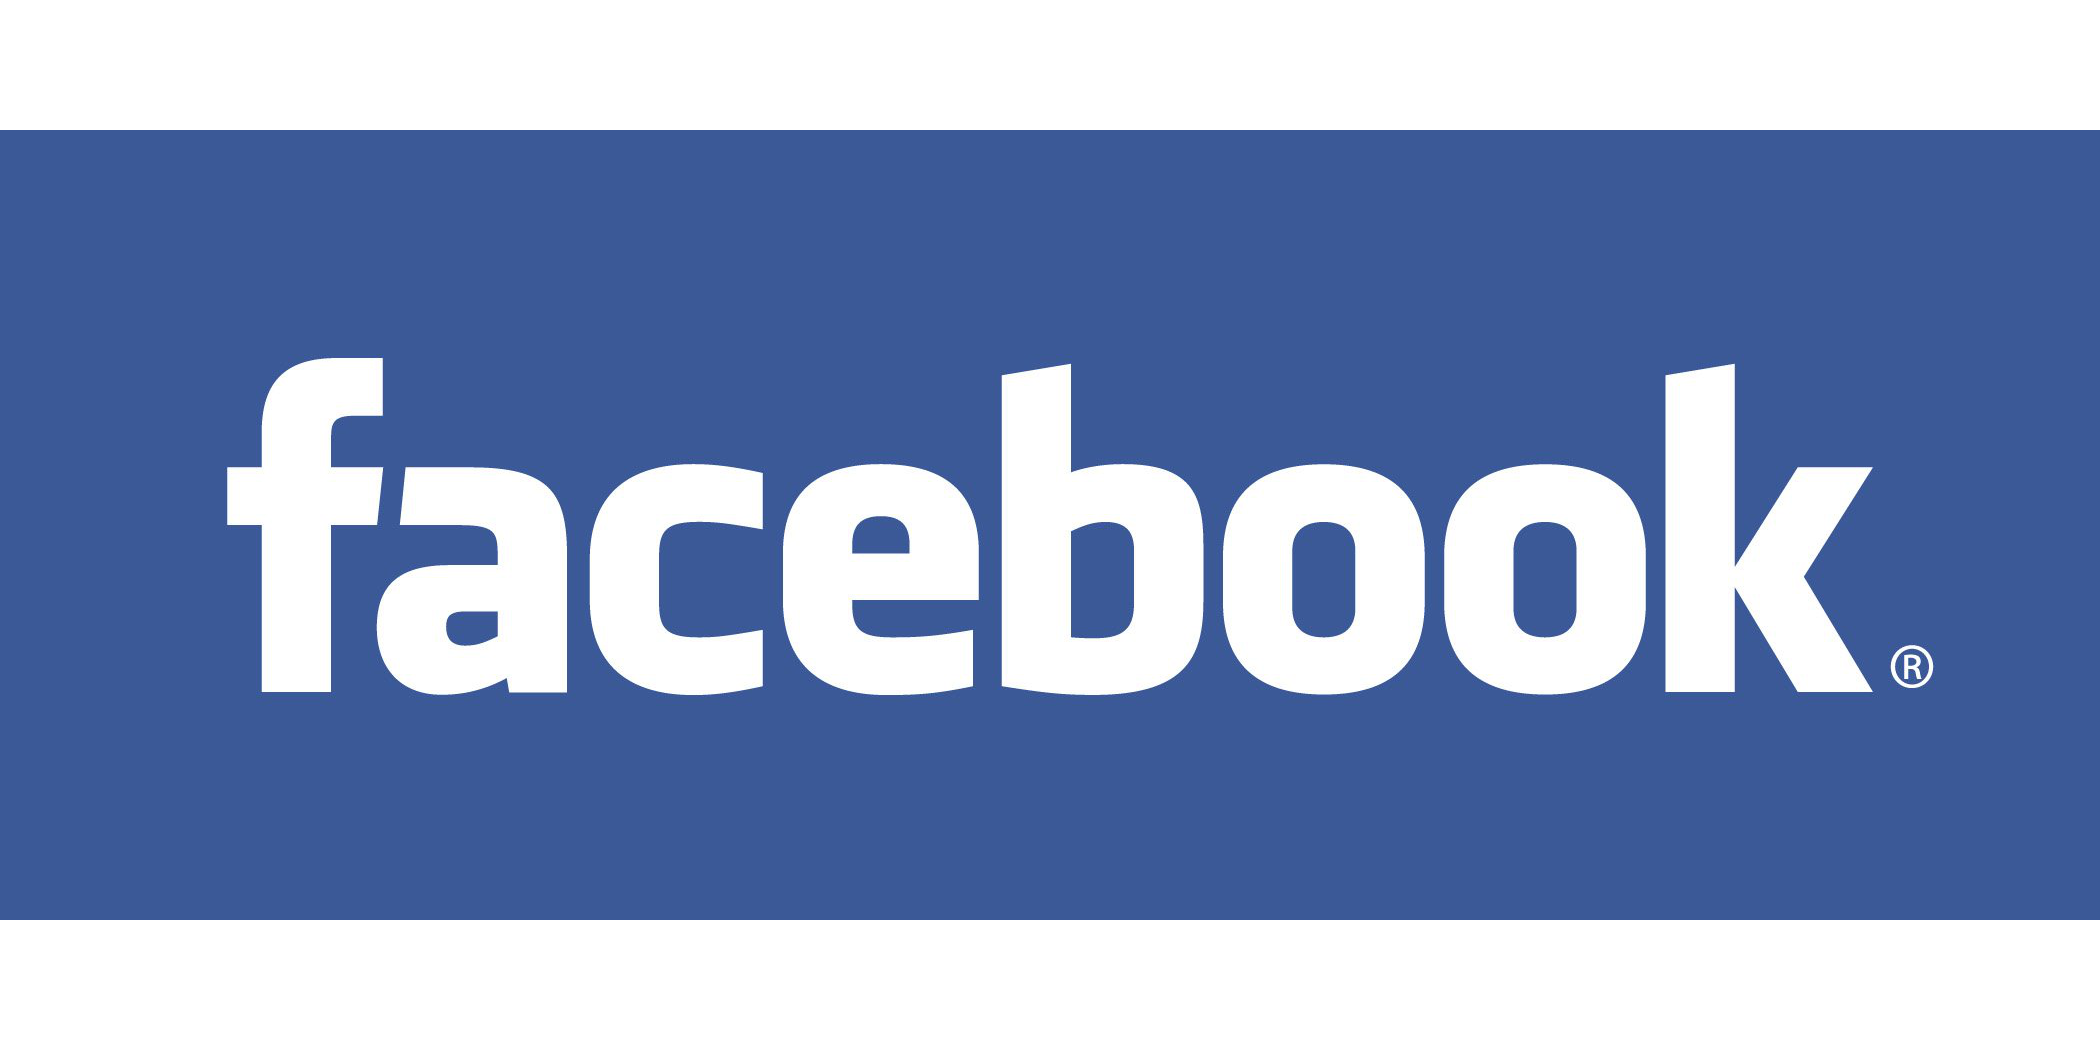 facebook-logo-29